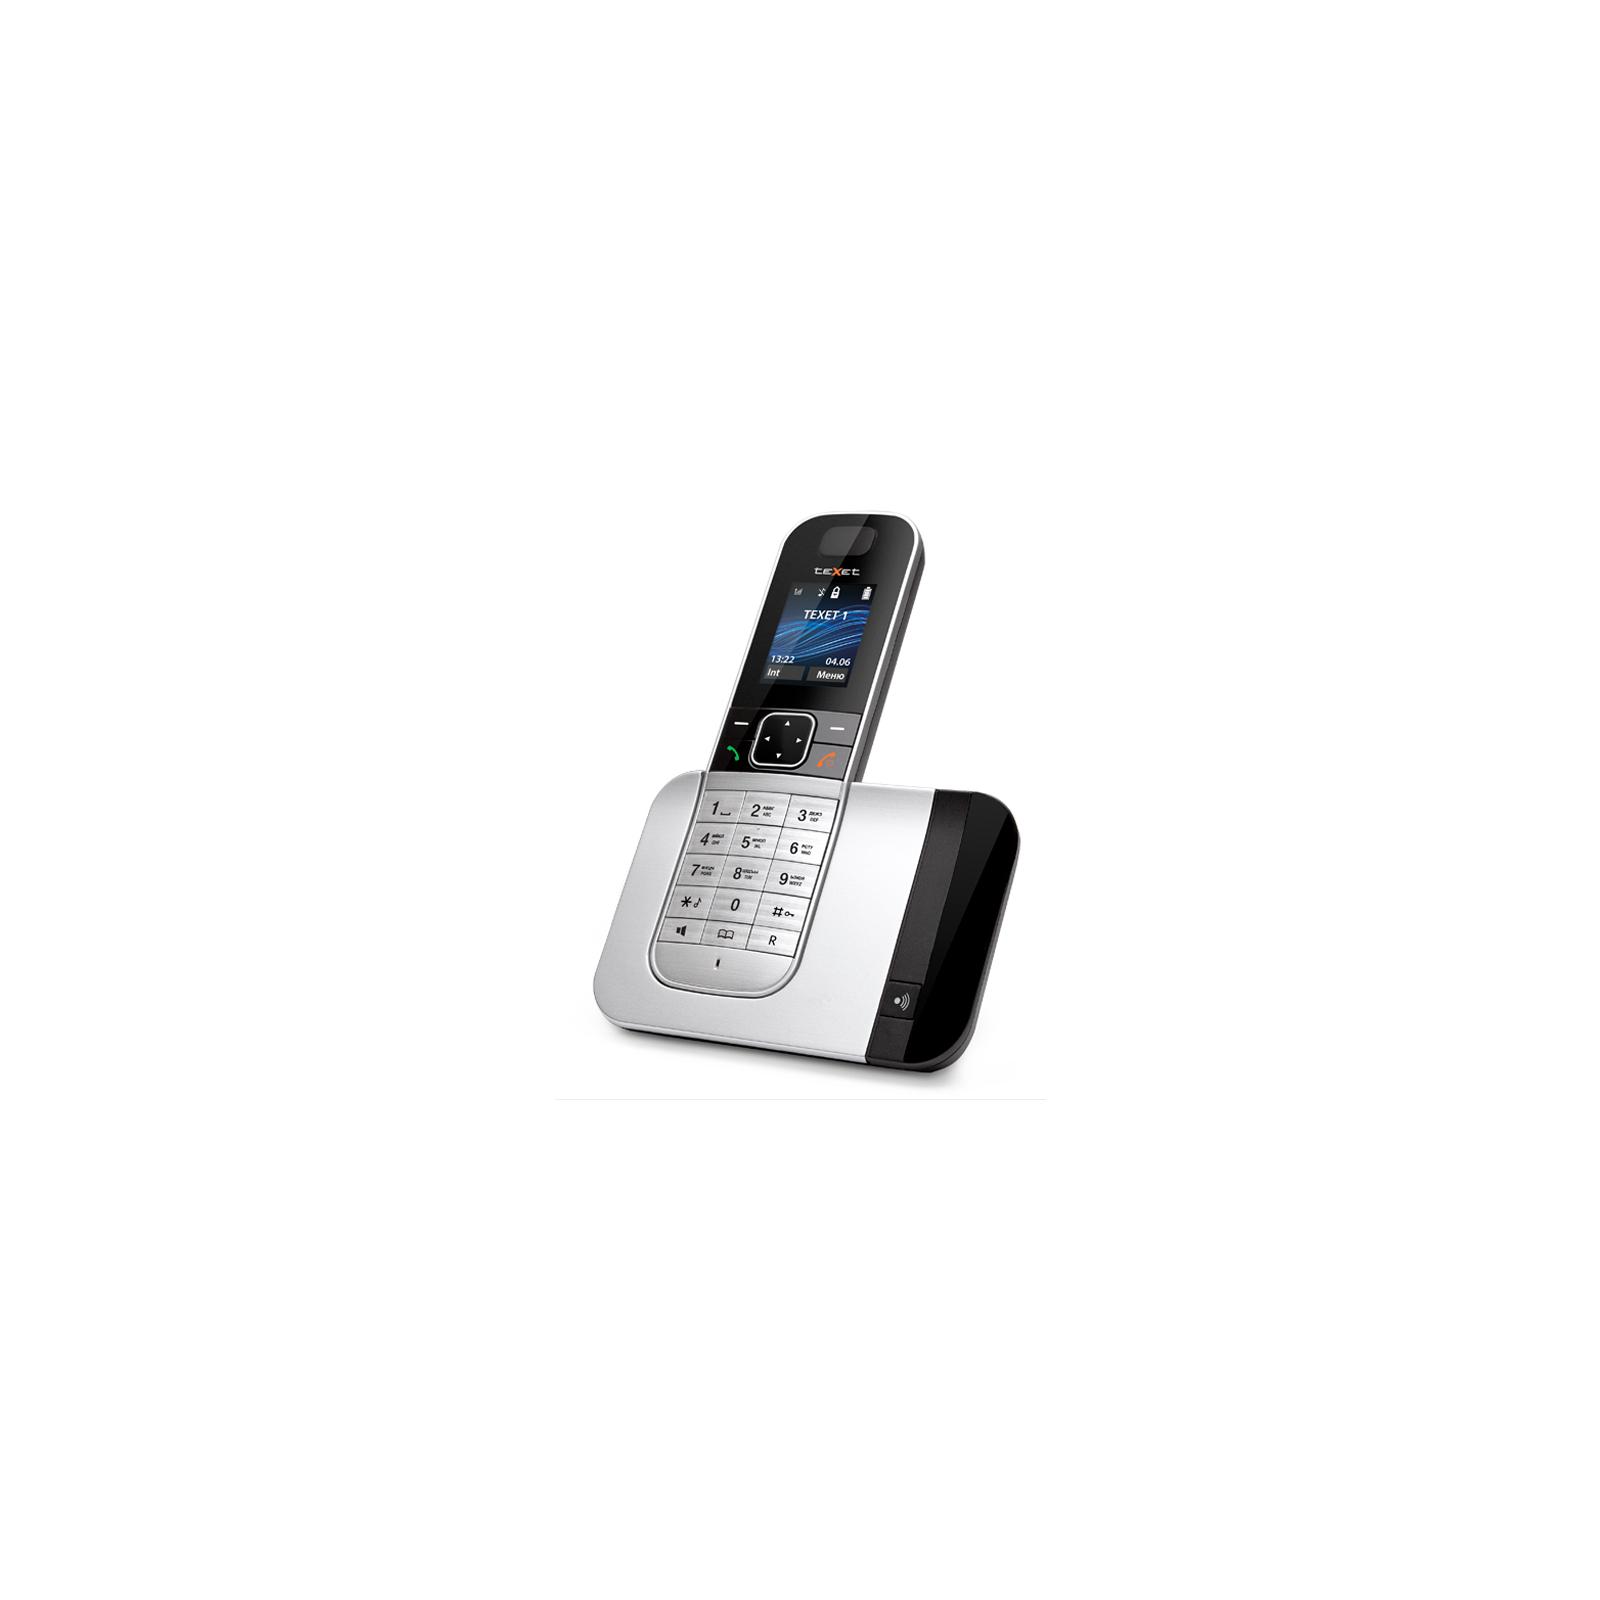 Телефон DECT TEXET TX-D7605A Black-Silver (TX-D7605A) изображение 2